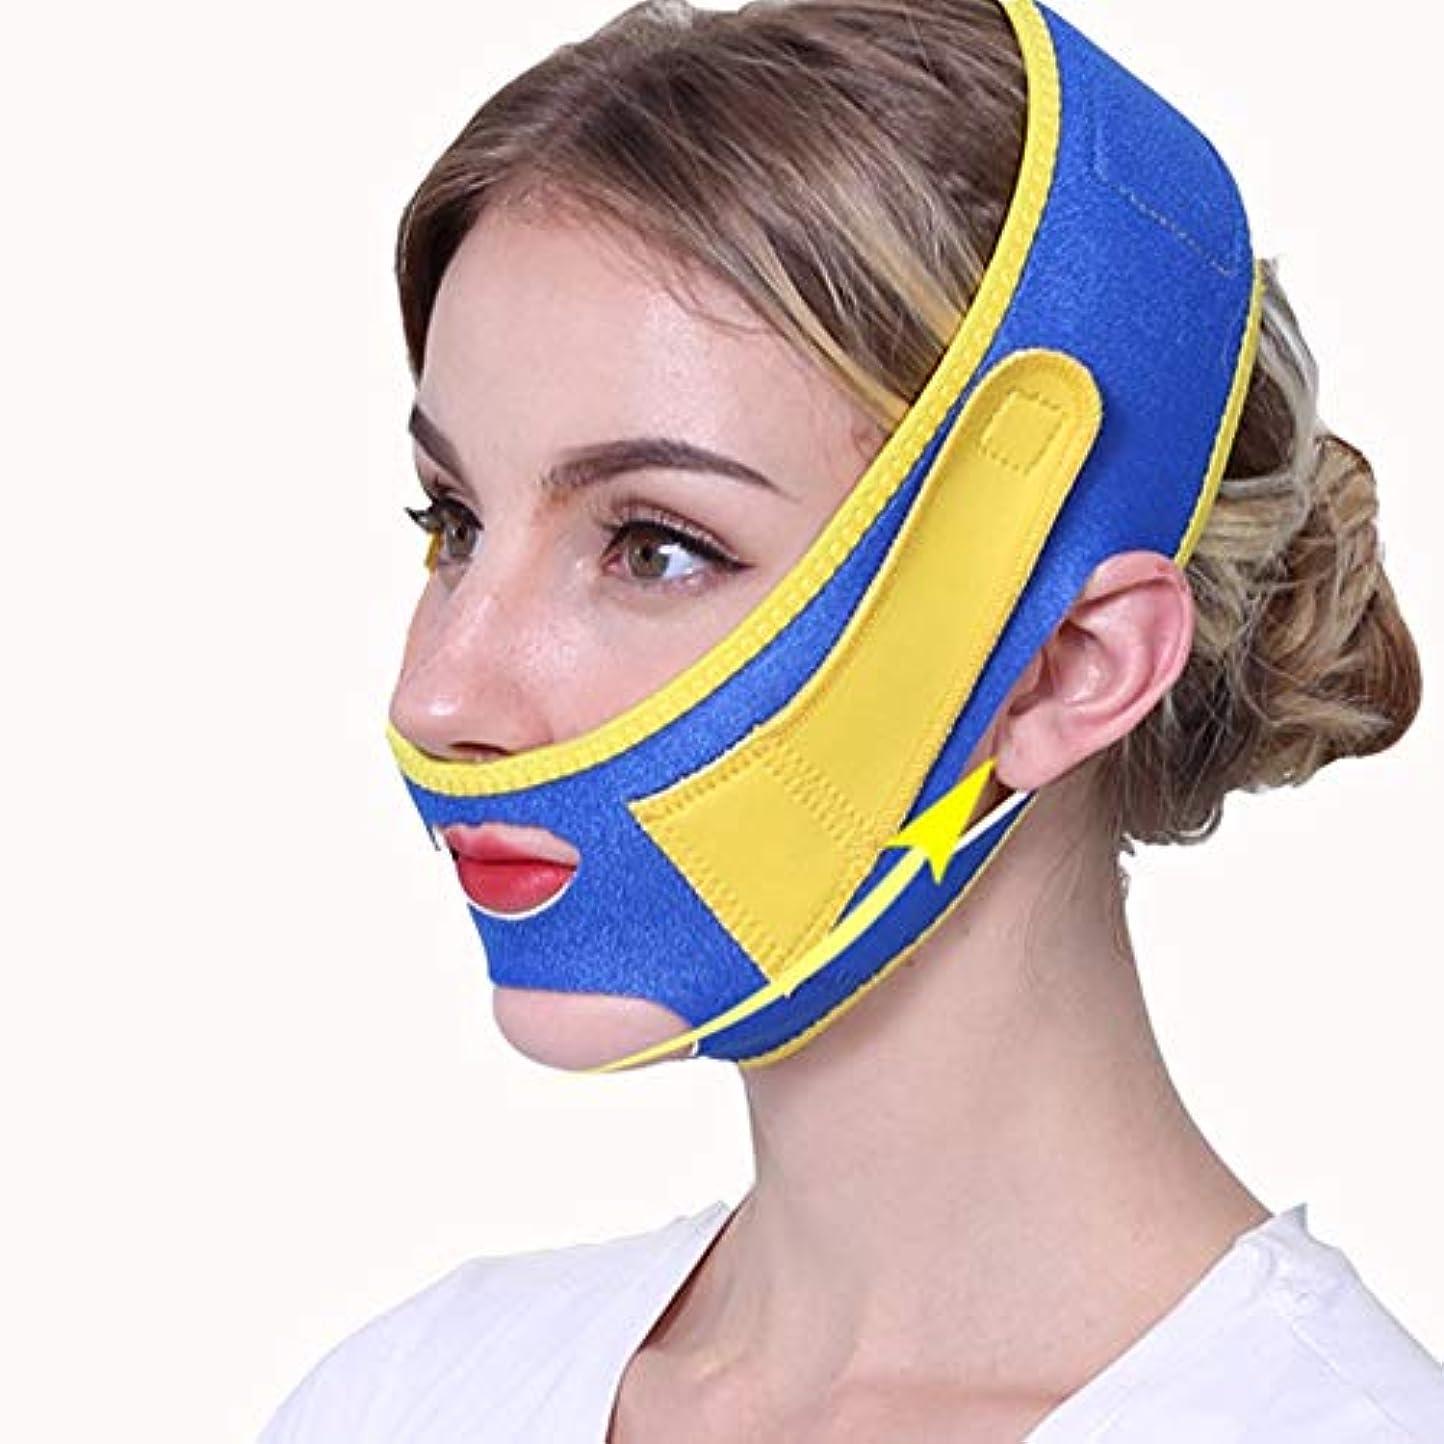 振り向くキノコ認めるGYZ フェイシャルリフティング痩身ベルトフェイス包帯マスク整形マスクフェイスベルトを引き締める薄型フェイス包帯整形マスクフェイスと首の顔を引き締めスリム Thin Face Belt